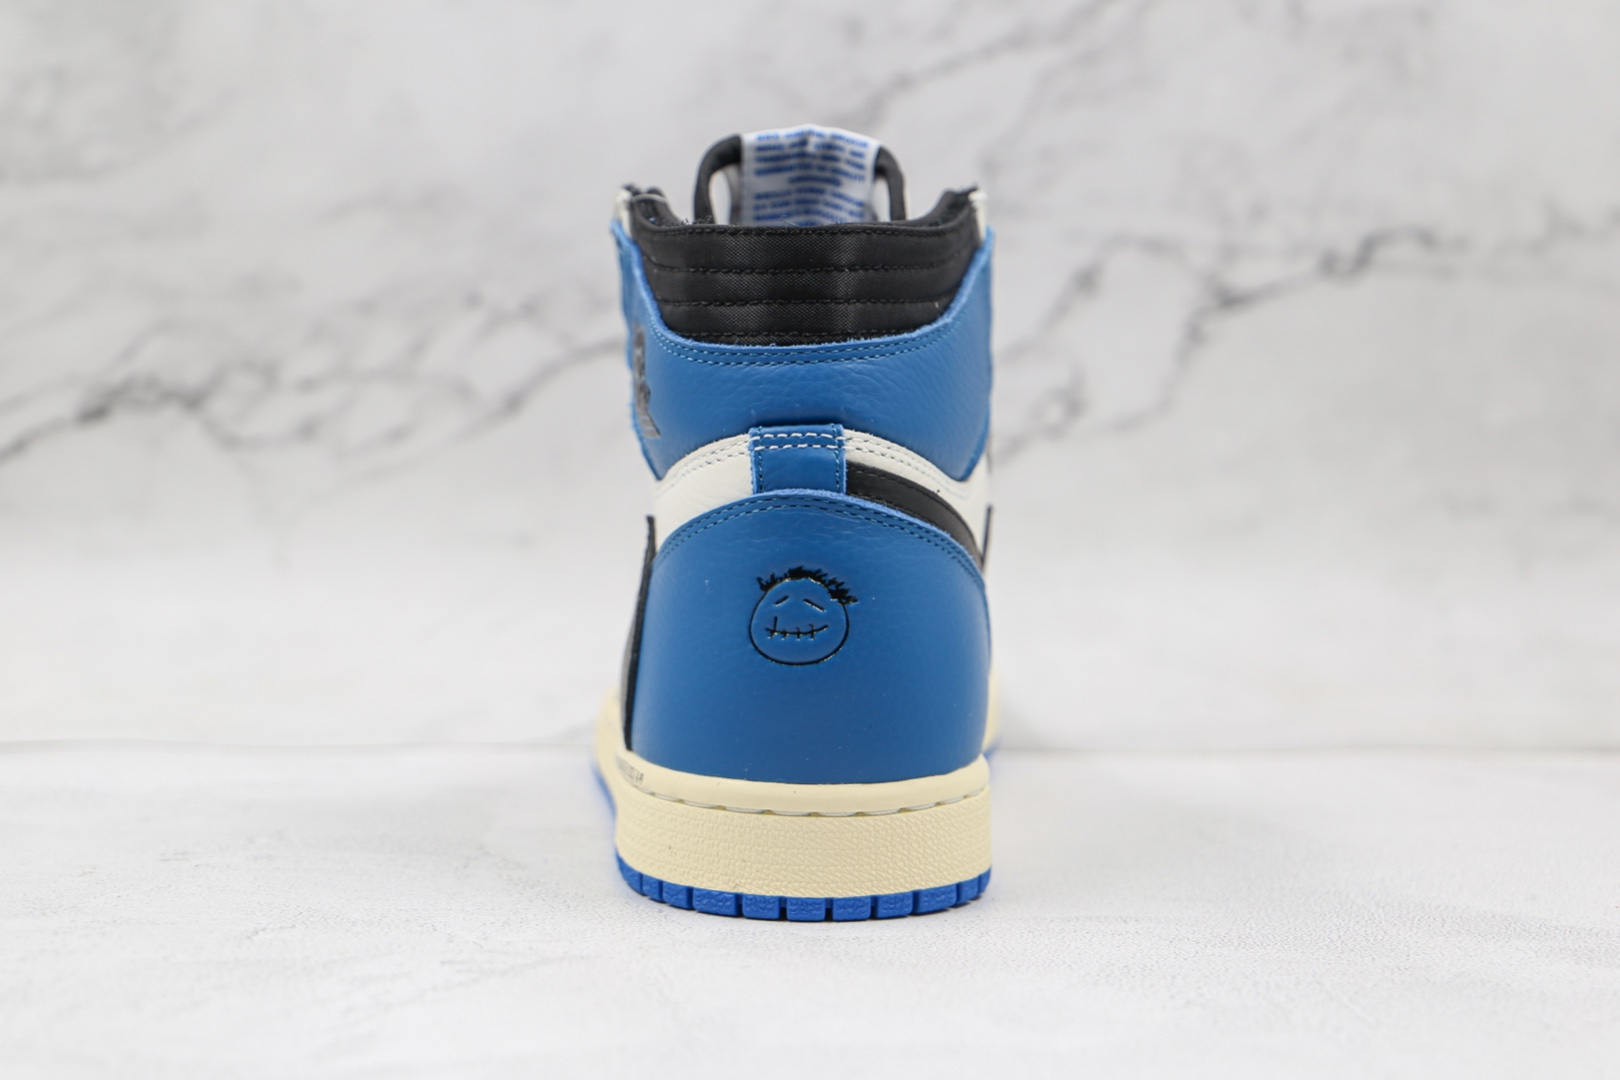 乔丹Air Jordan 1 High OG SP Military Blue x Fragment x Travis三方联名款纯原版本TS藤原浩倒勾黑蓝白板鞋原档案数据开发 货号:DH3227-105